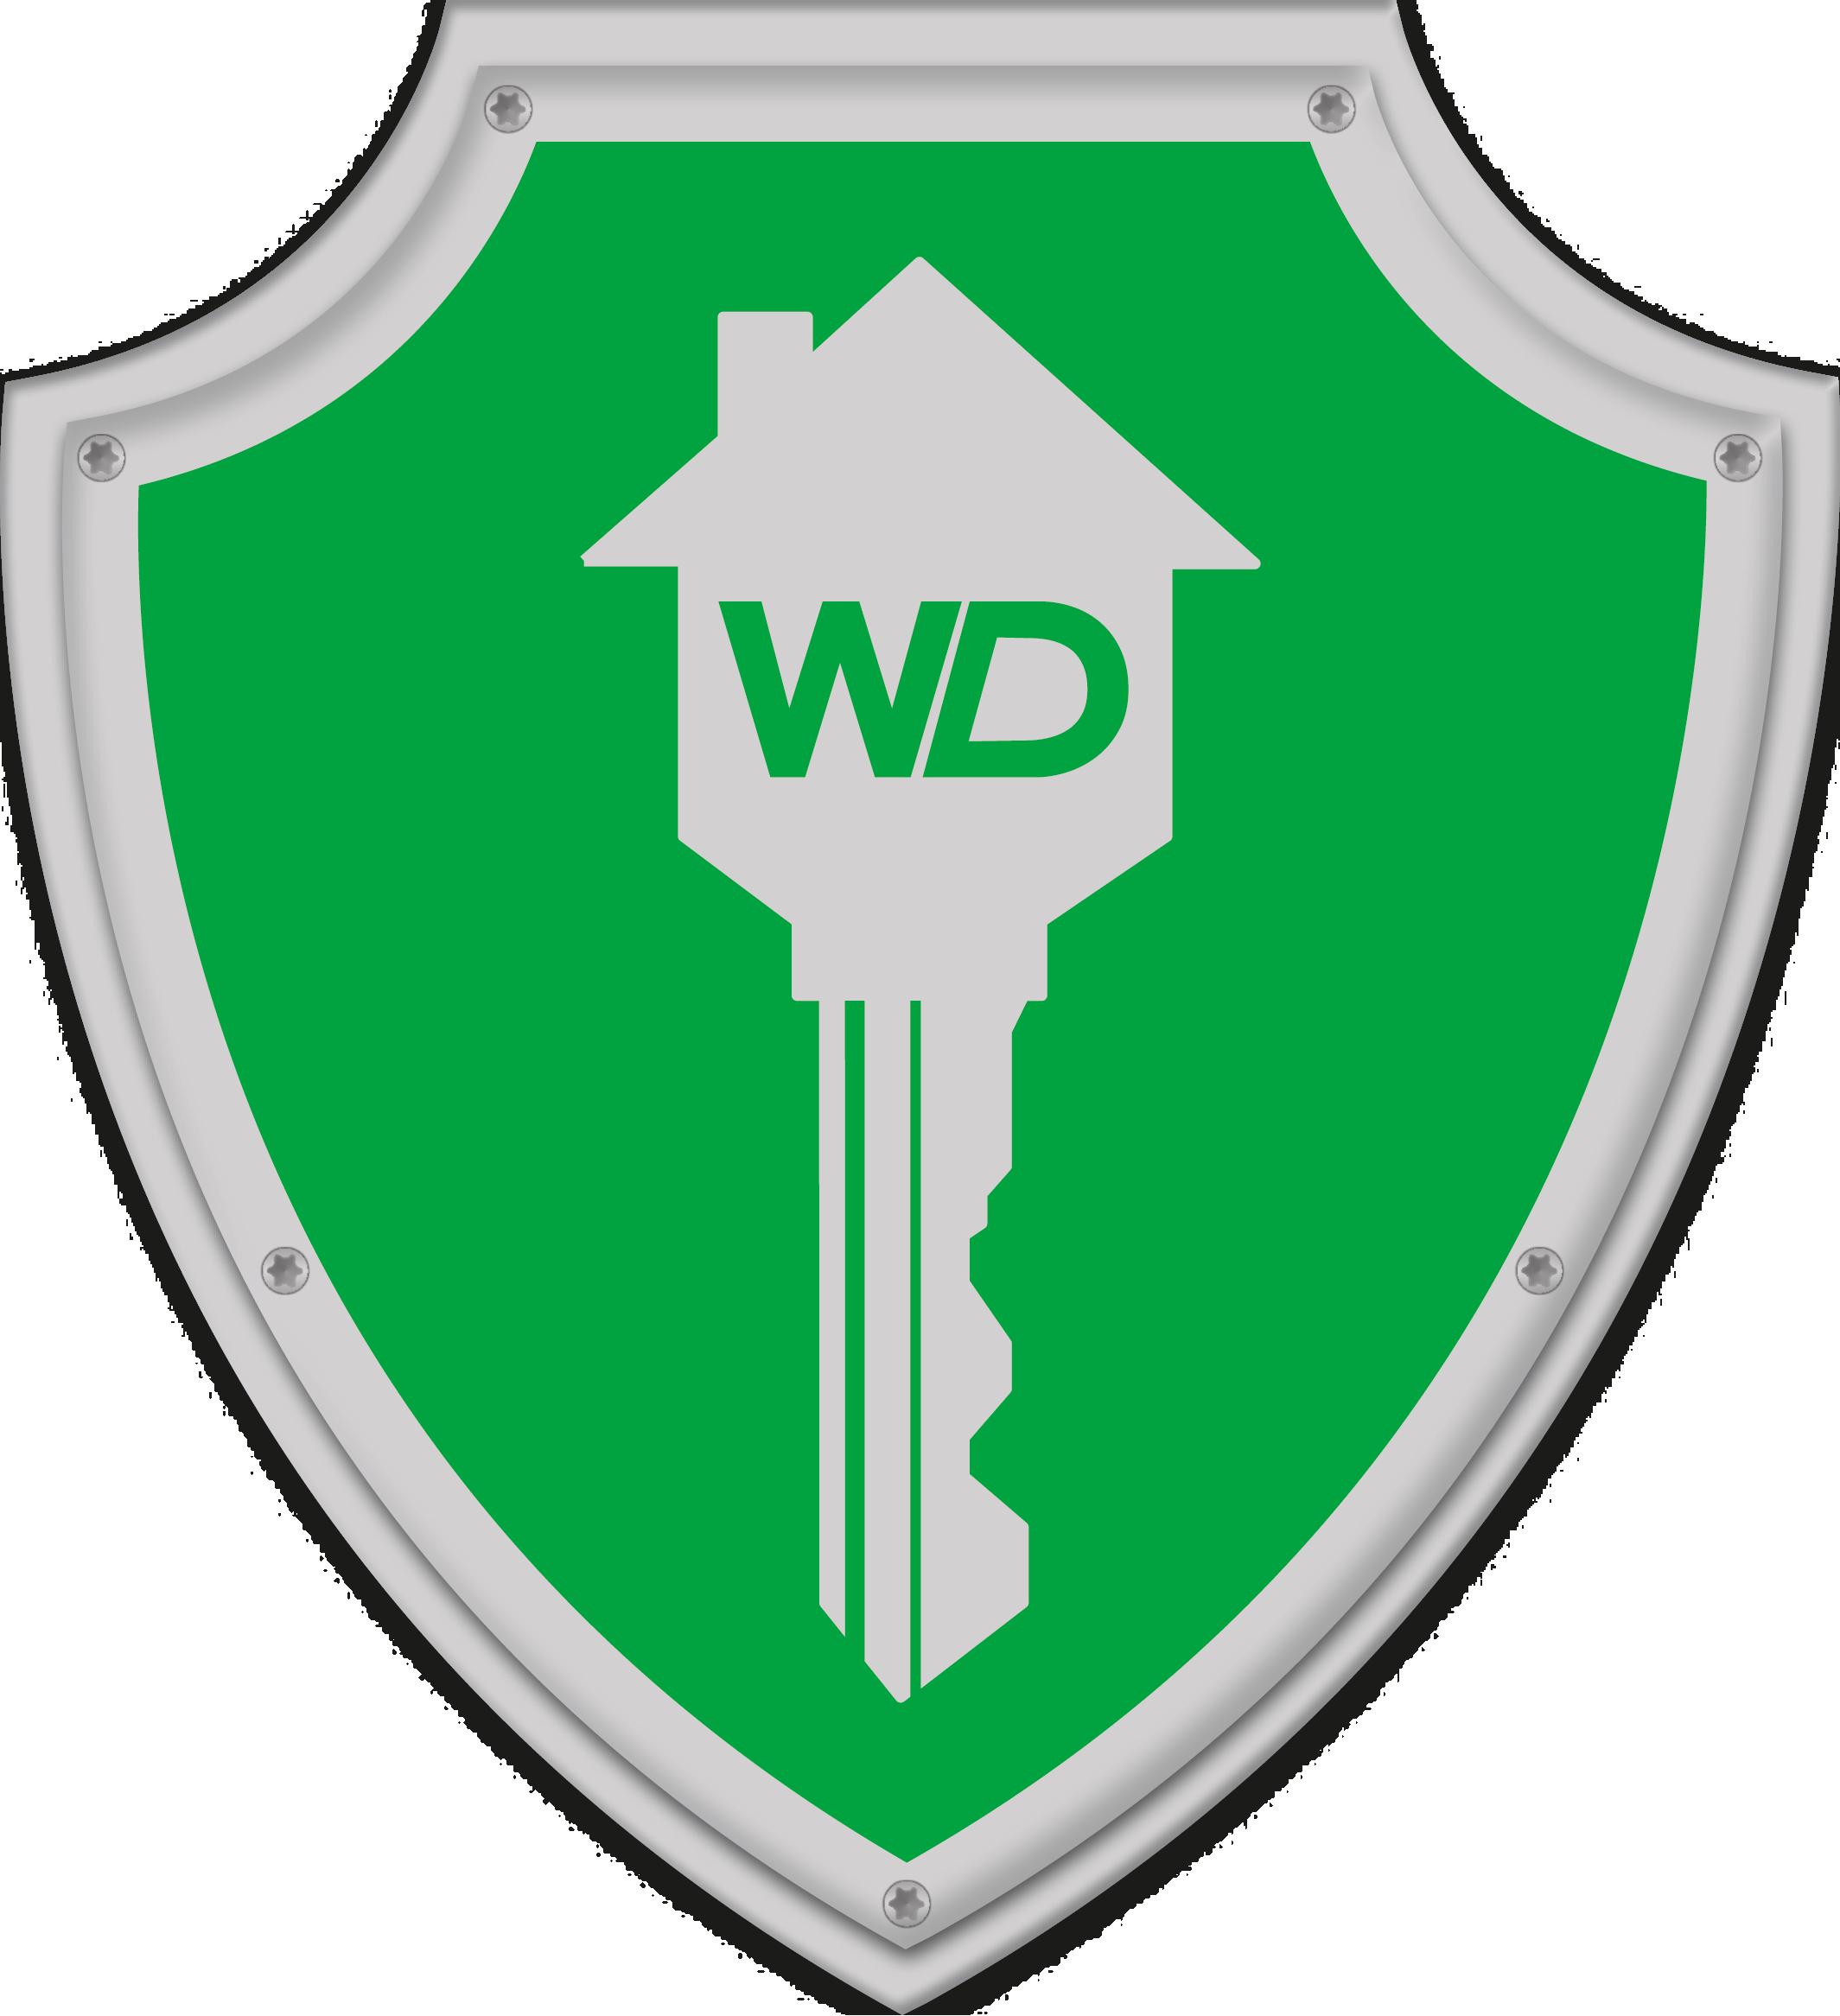 WD - Schlüsseldienst und Hausmeisterservice in Lünen